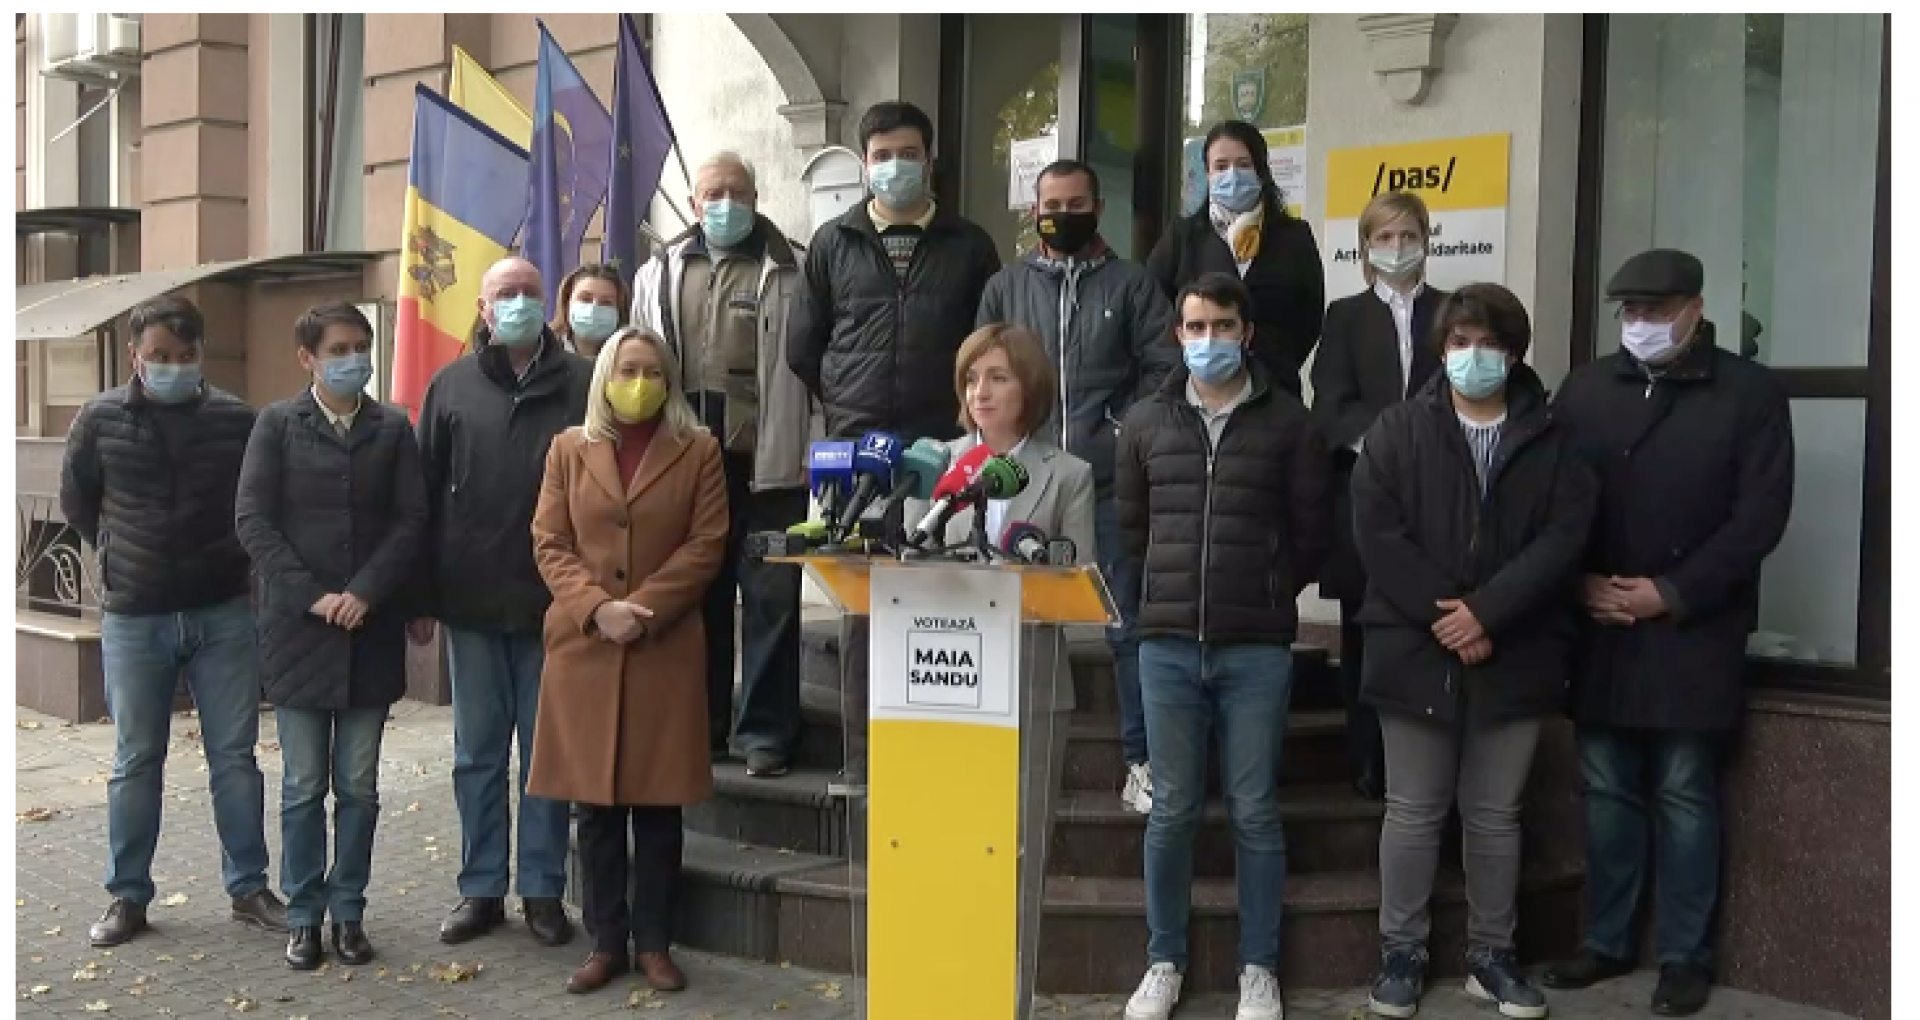 Maia Sandu vrea dezbateri pe un teren neutru: Singura dezbatere la care trebuie să meargă Igor Dodon este cea cu procurorii, dar din respect pentru oameni voi merge la una